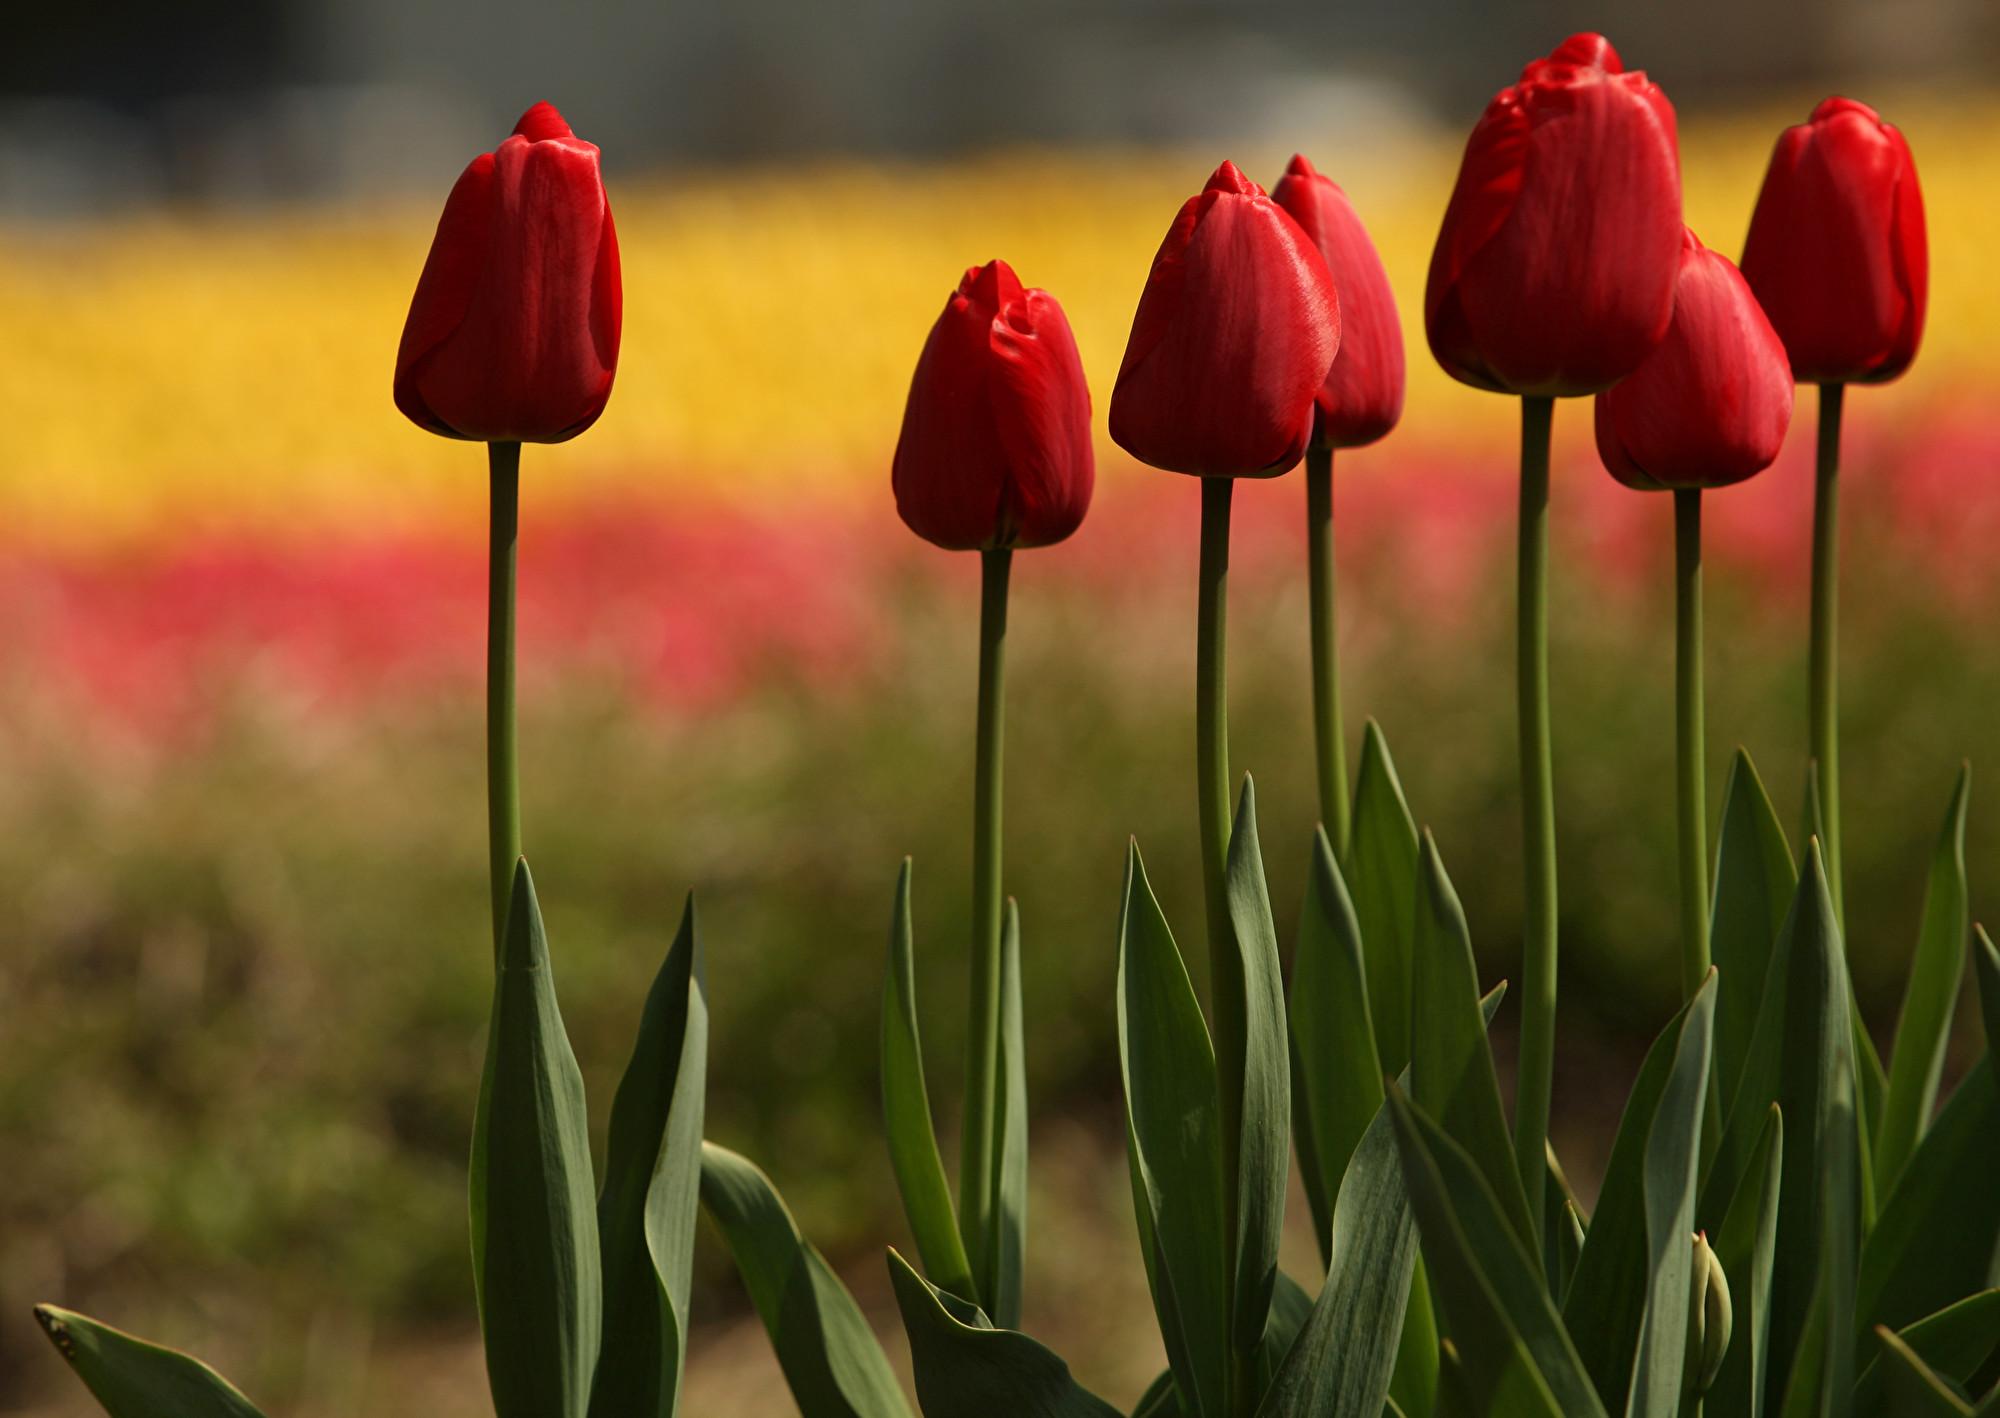 在當前疫情下,日本佐倉市政府銷毀了80萬株鬱金香,以阻止遊客到訪。圖為2013年4月22日,日本豐岡市的鬱金香花海。(Buddhika Weerasinghe/Getty Images)